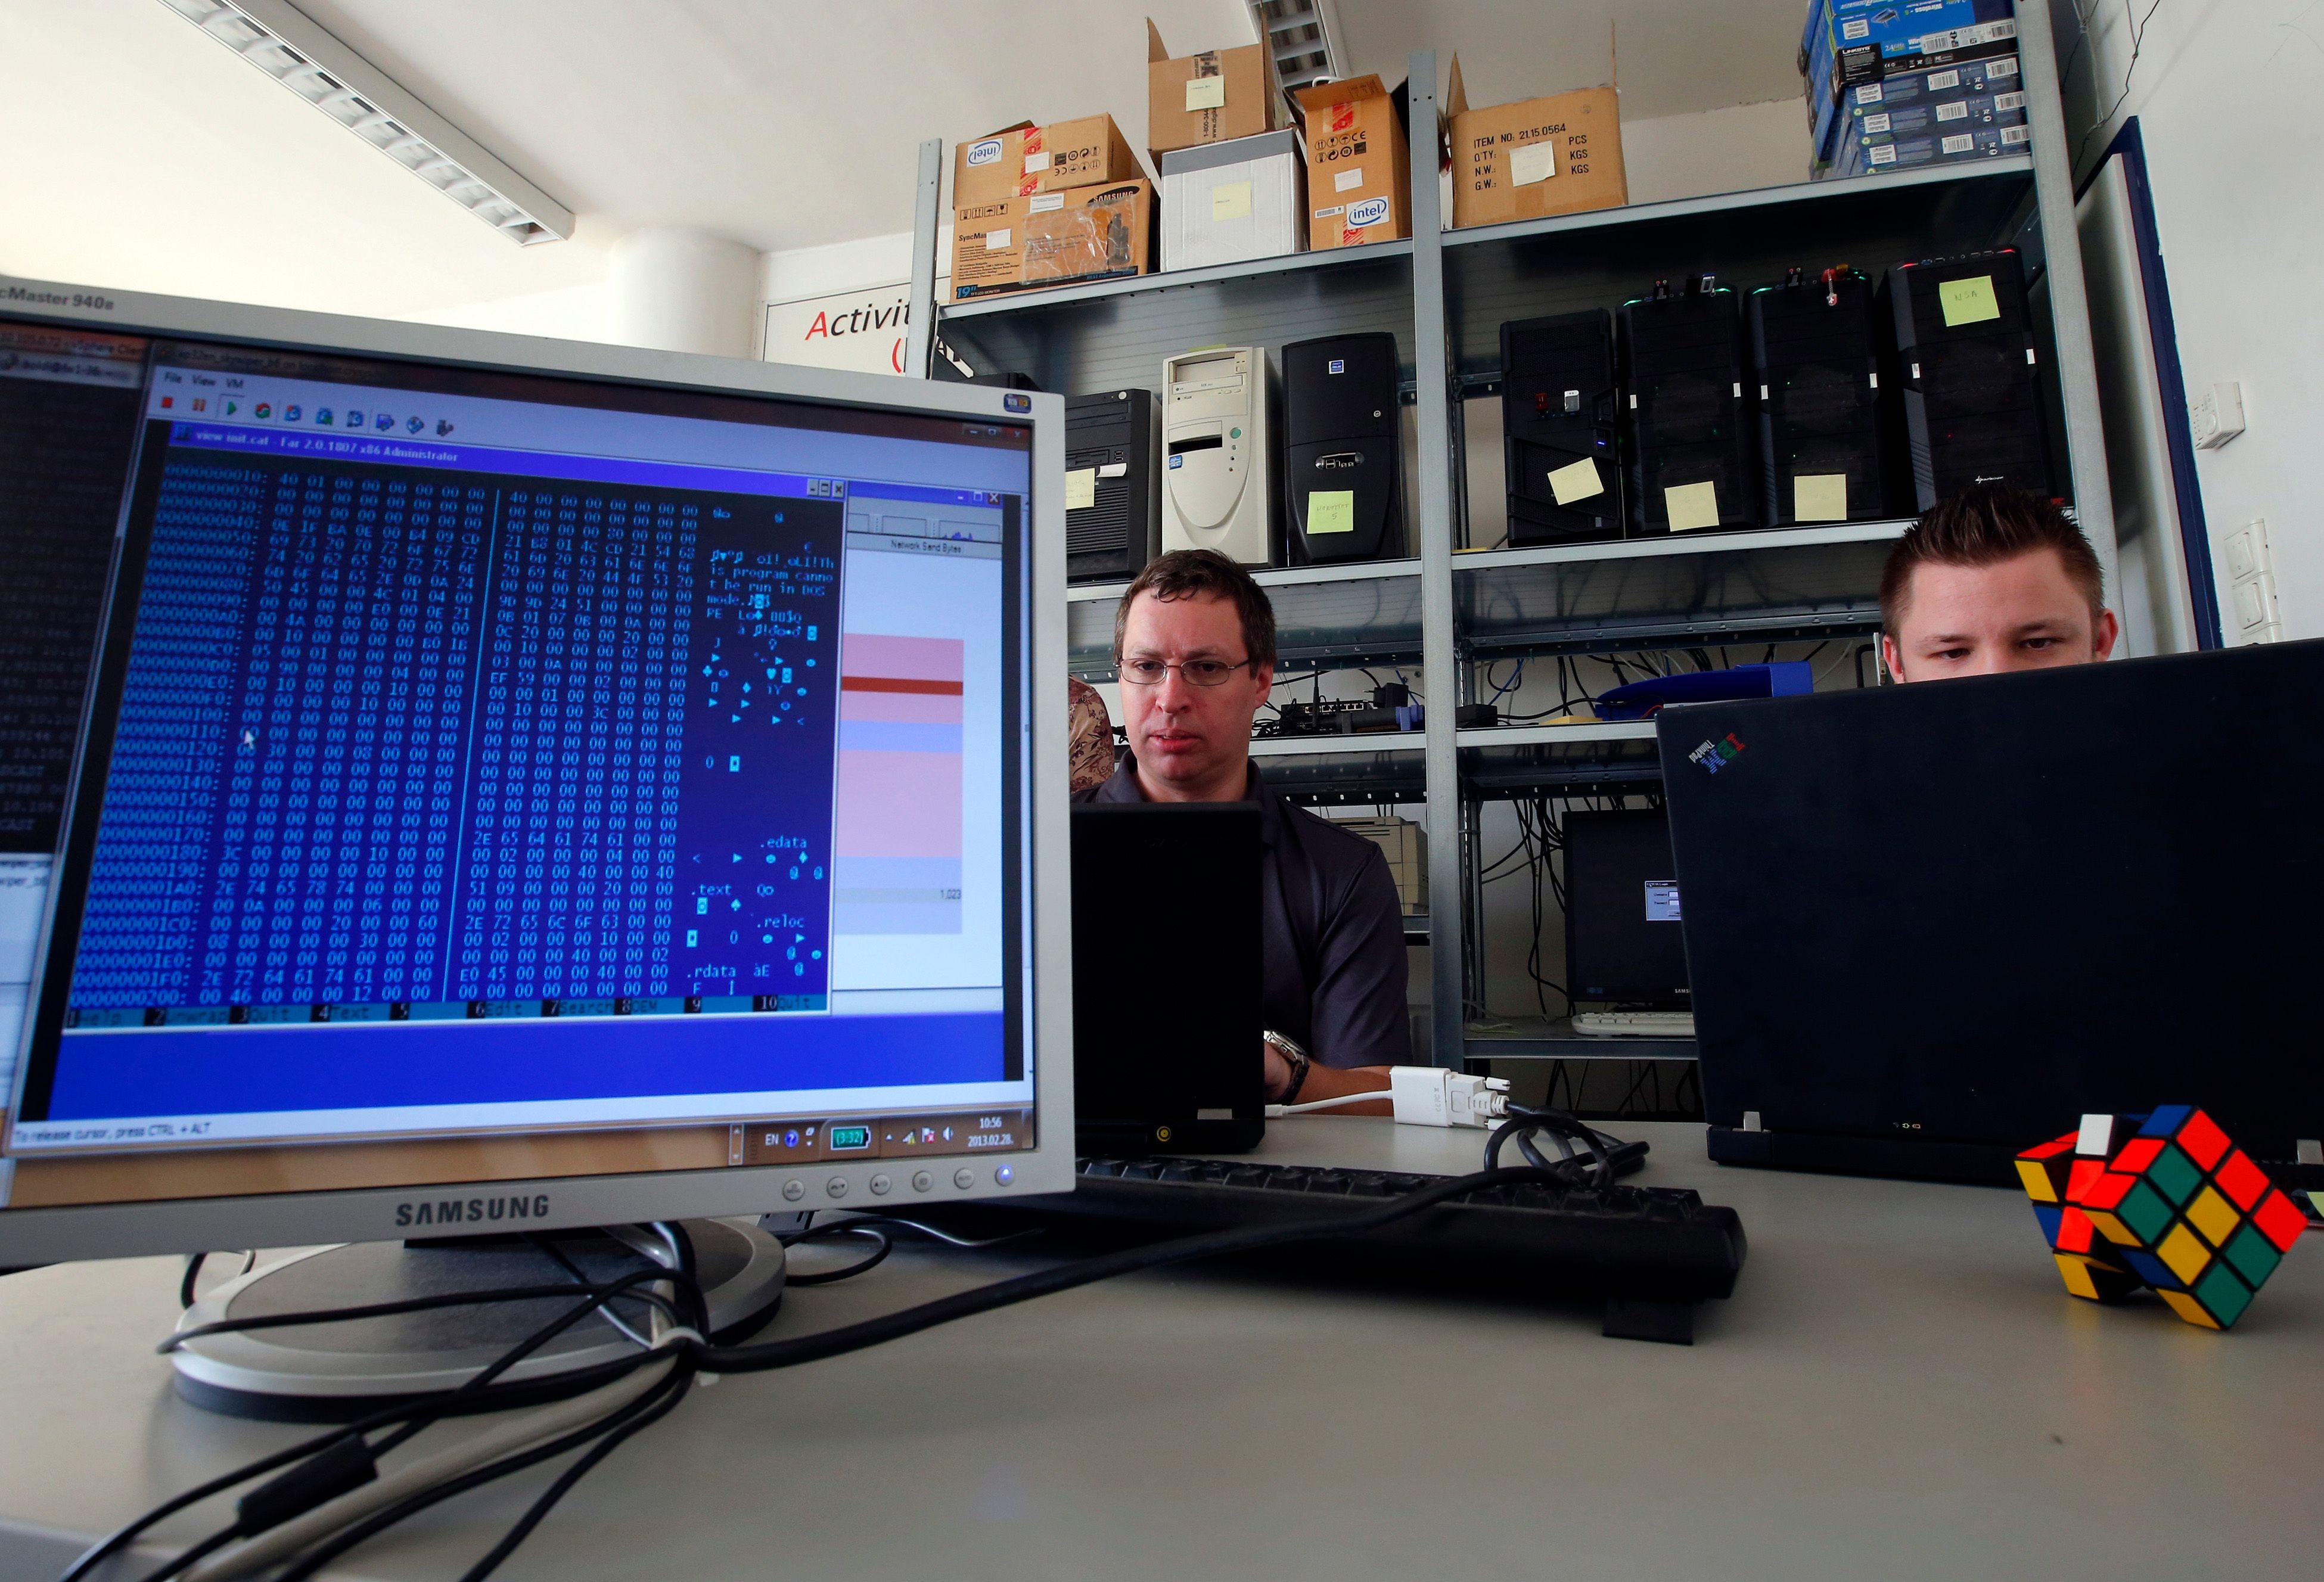 Un récent rapport émis par la firme FireEye a établi les circonstances précises de l'attaque informatique subie par les réseaux d'ordinateurs de l'OTAN.